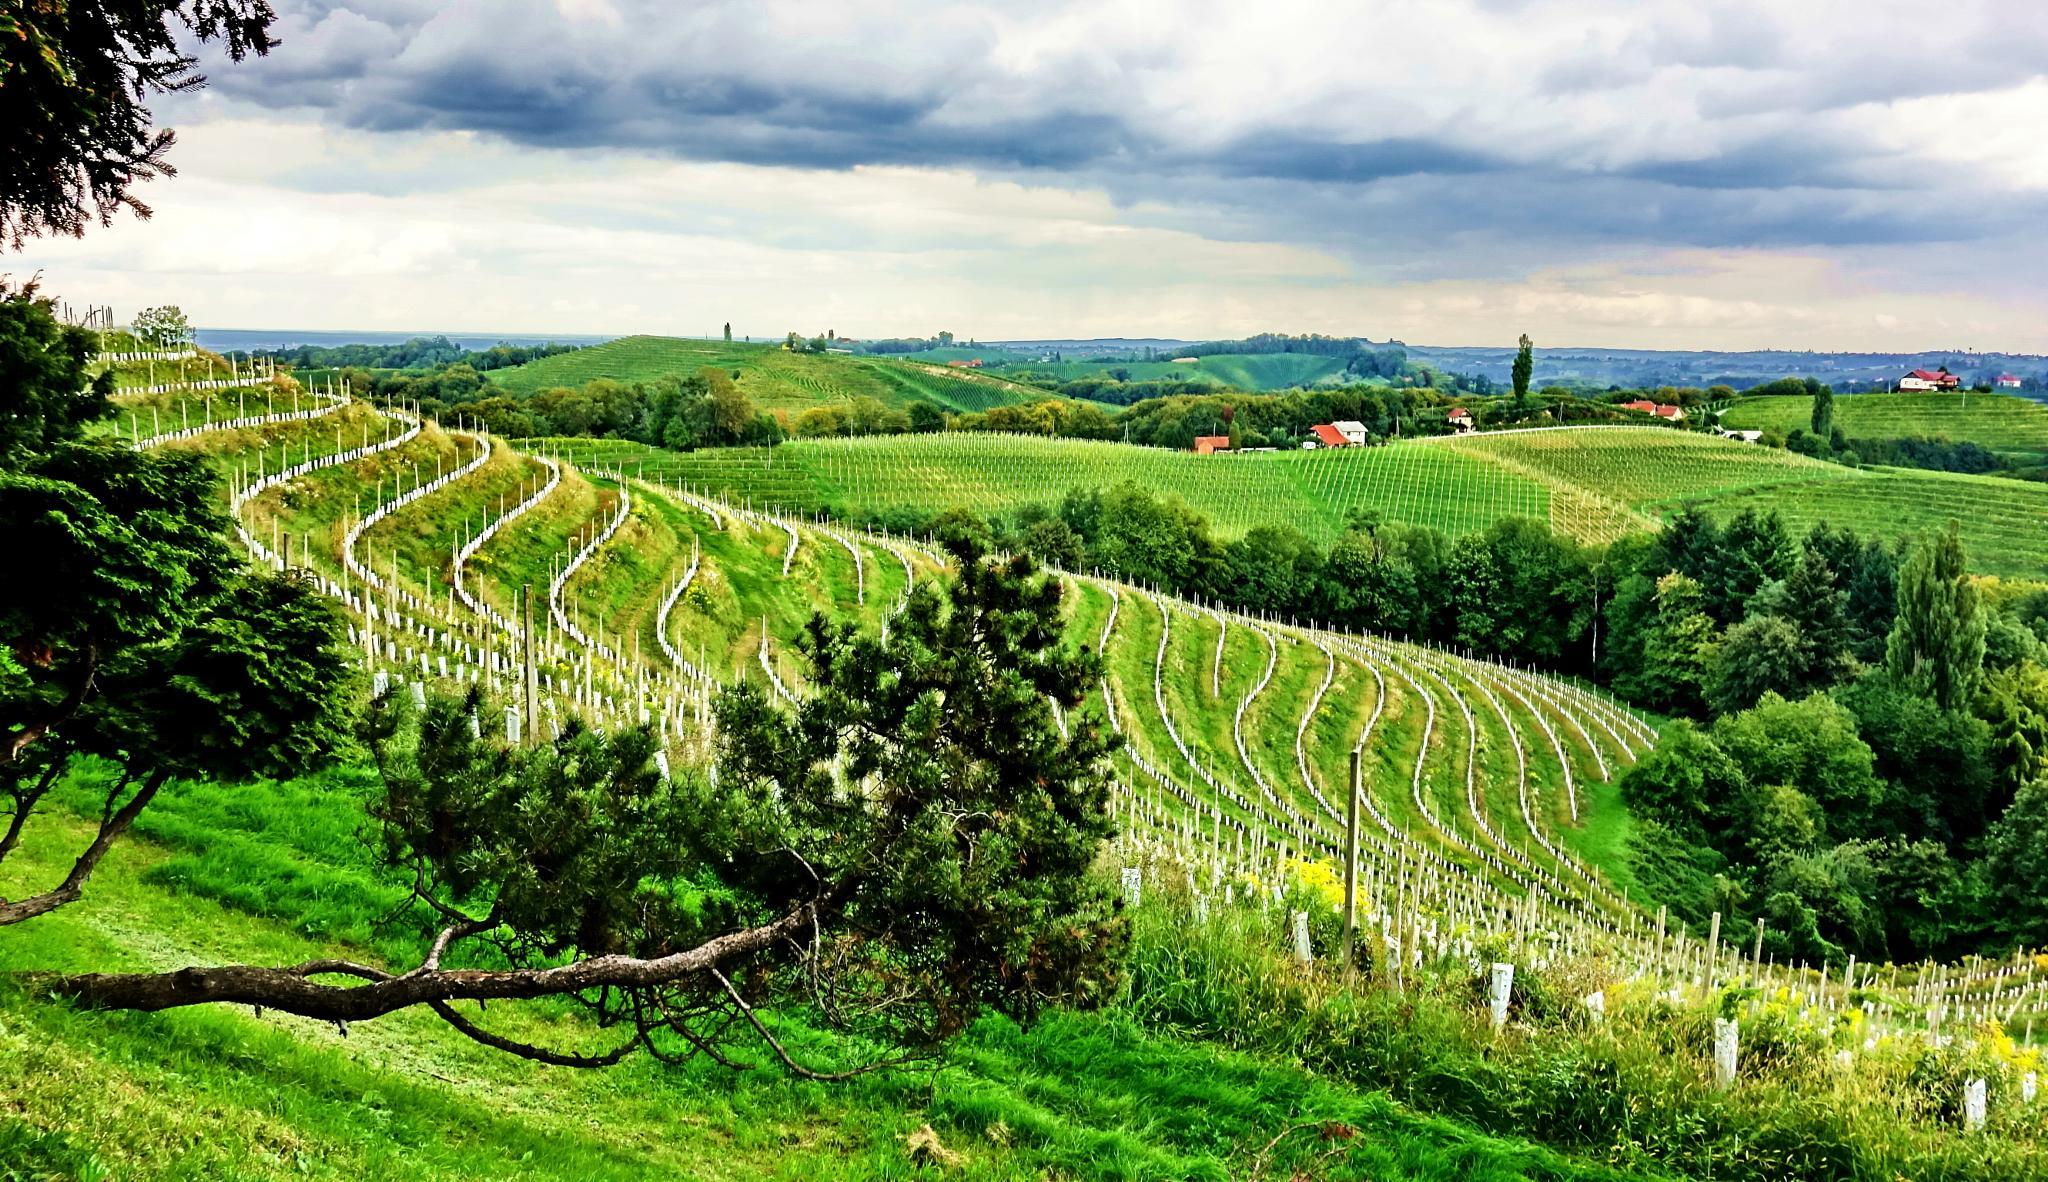 Jeruzalem vineyard, Slovenia by BernardaBizjak